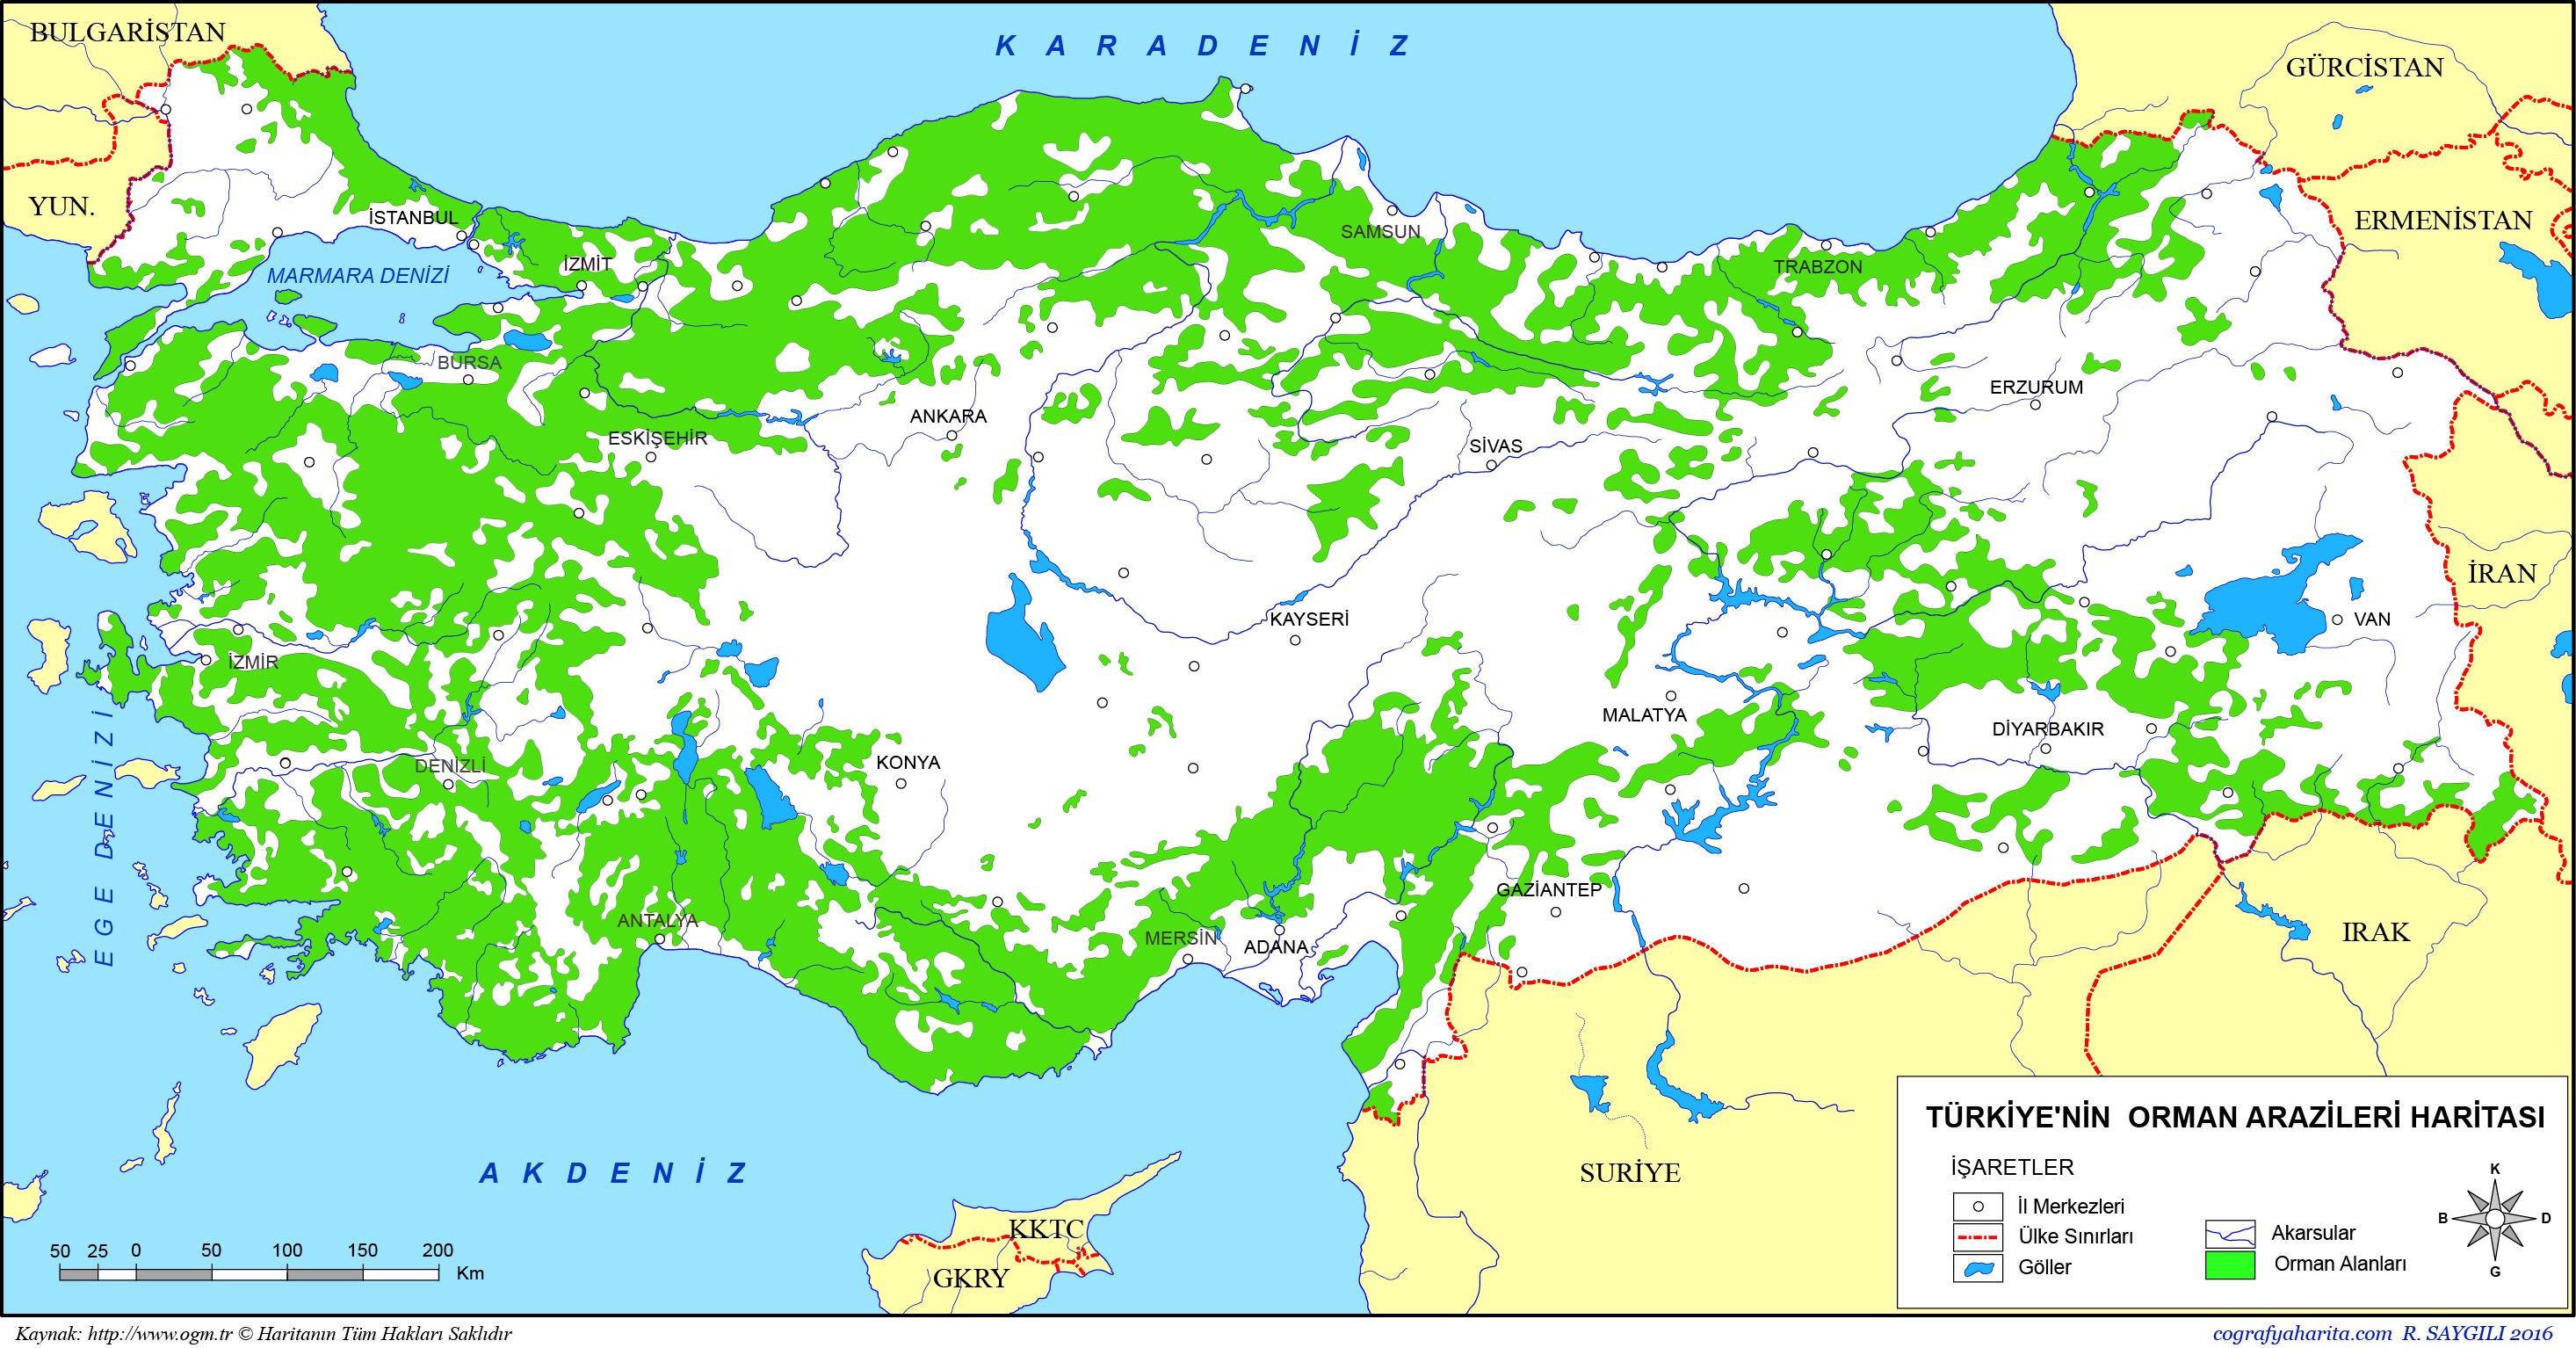 Kuzey Amerikanın doğal alanları: özellikleri